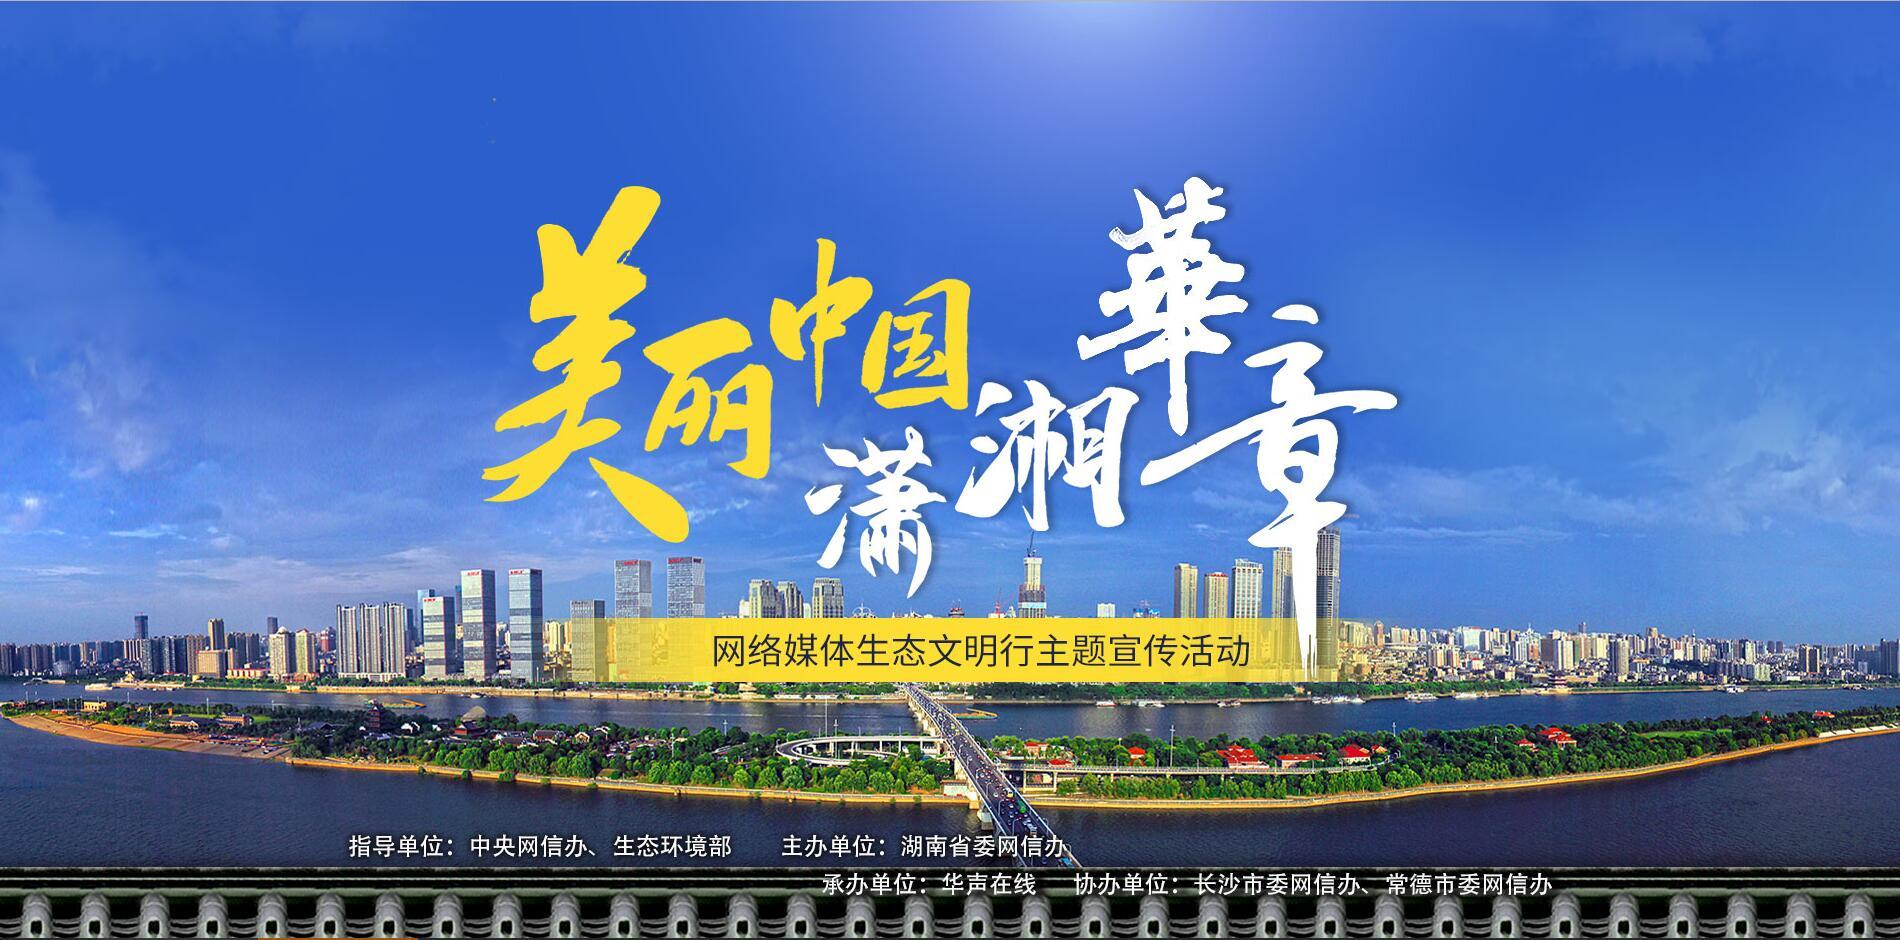 美丽中国潇湘华章